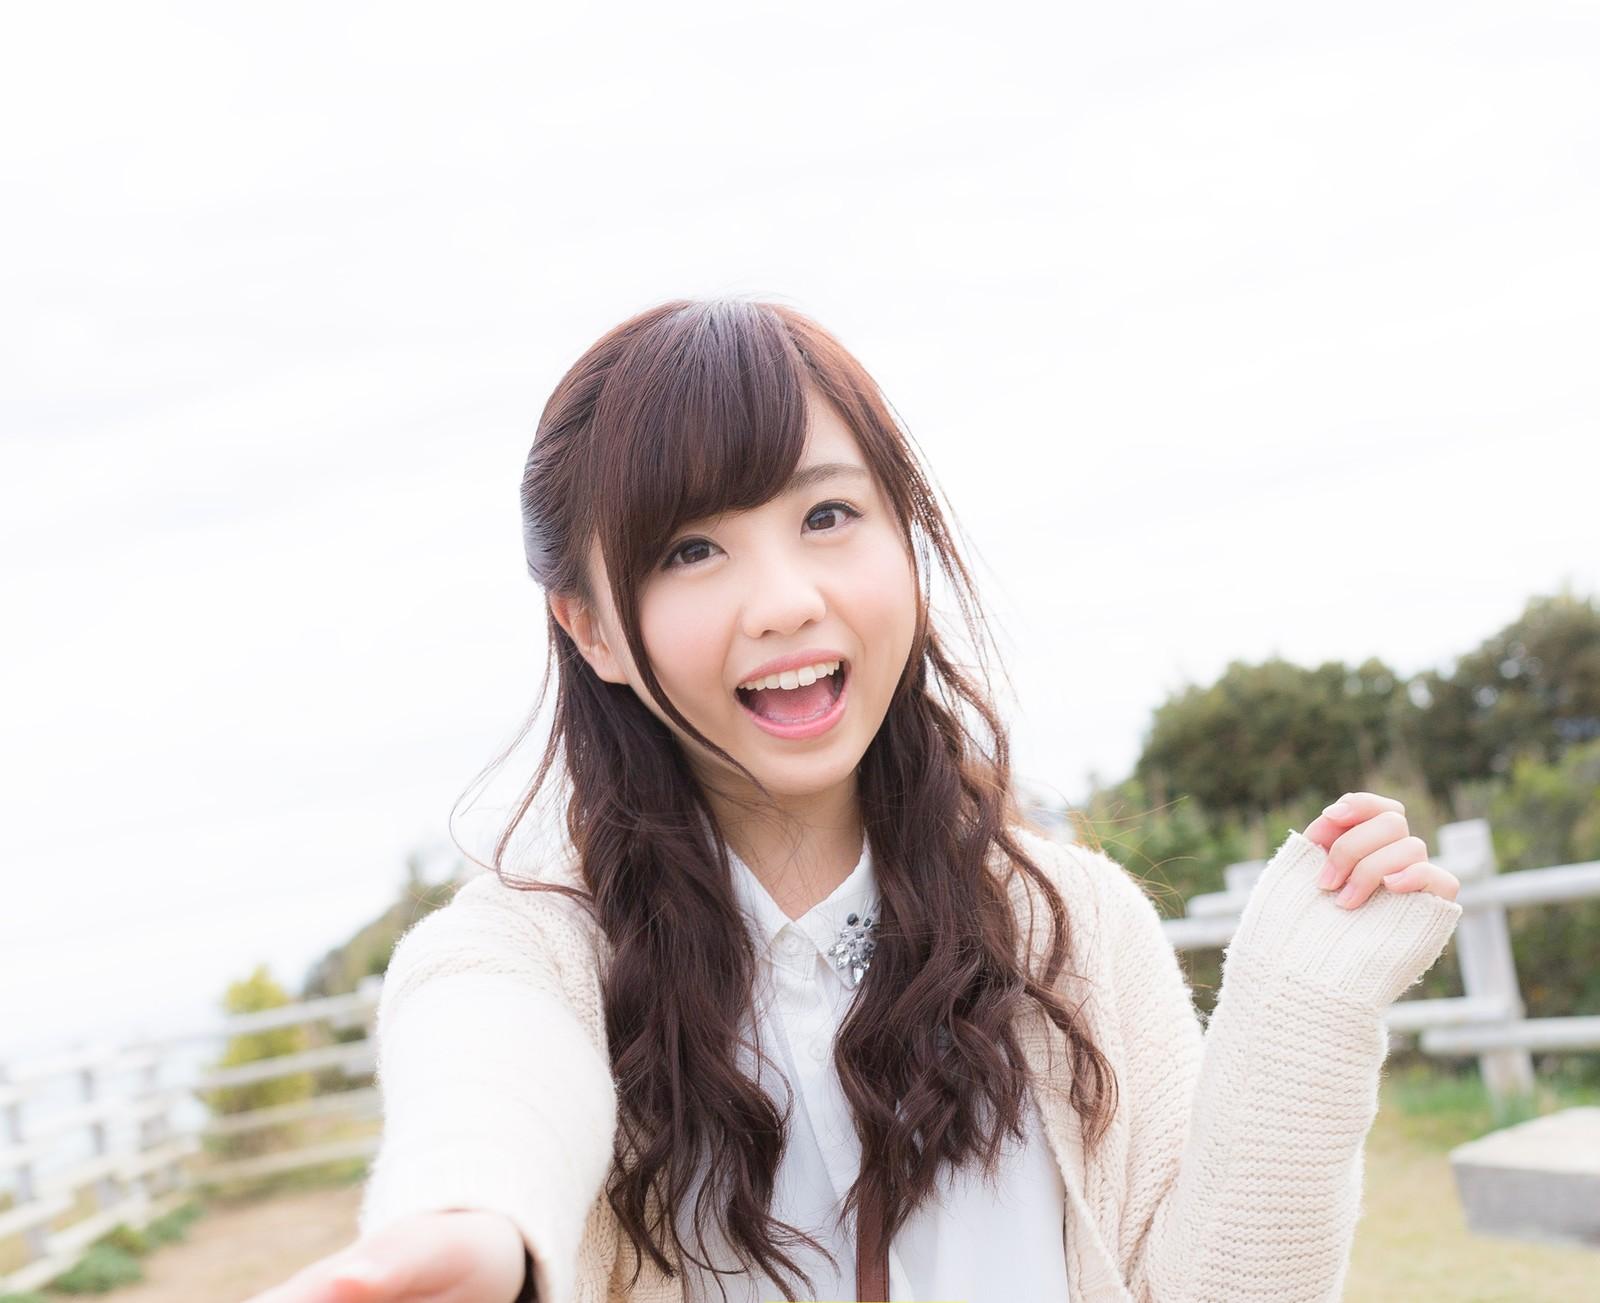 YUKA151206135840_TP_V.jpg